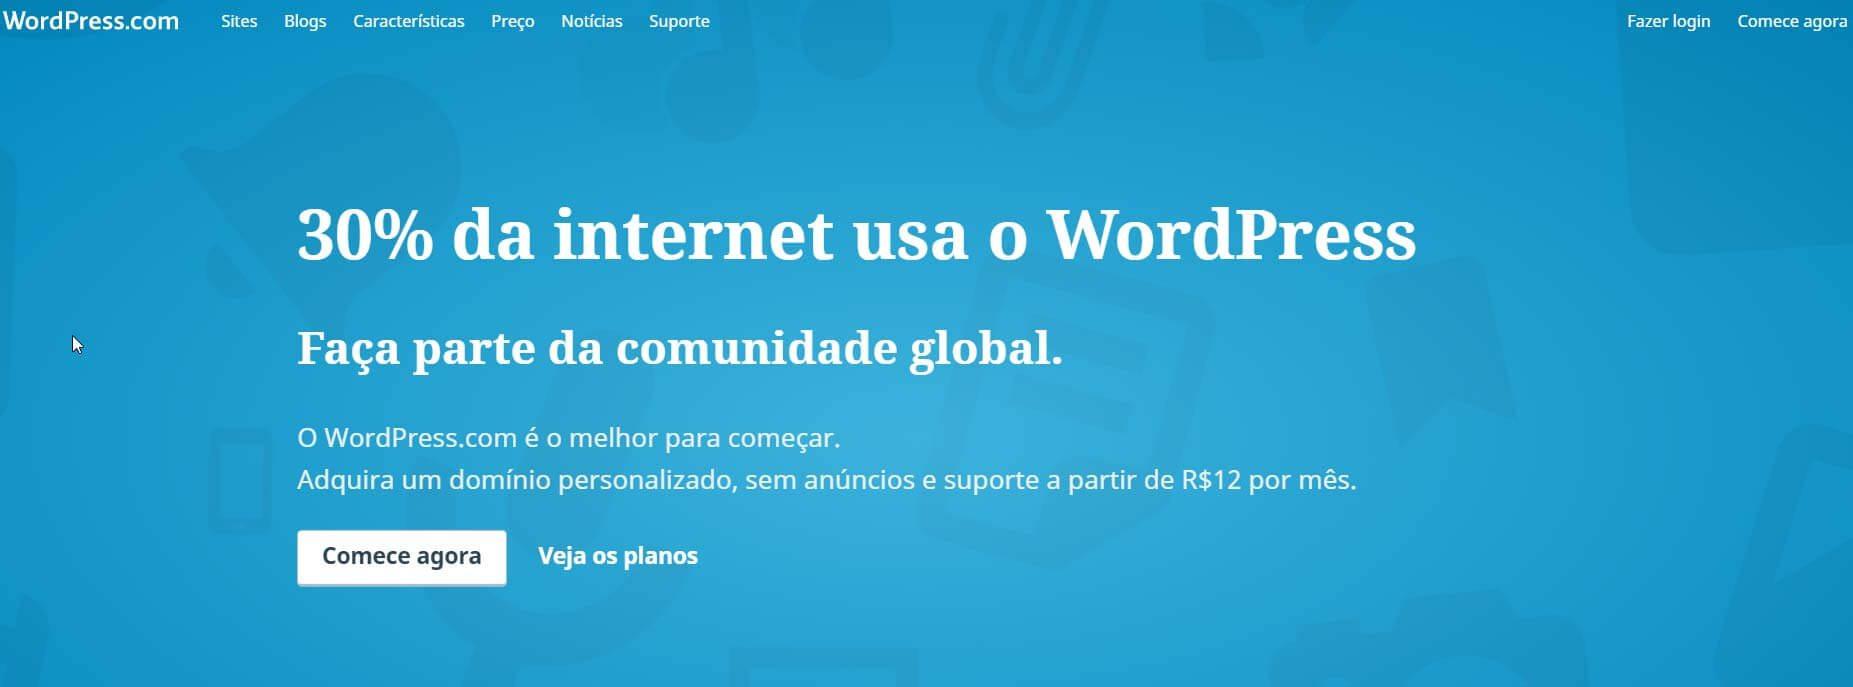 WordPress ou Wix? Saiba qual o melhor pra você